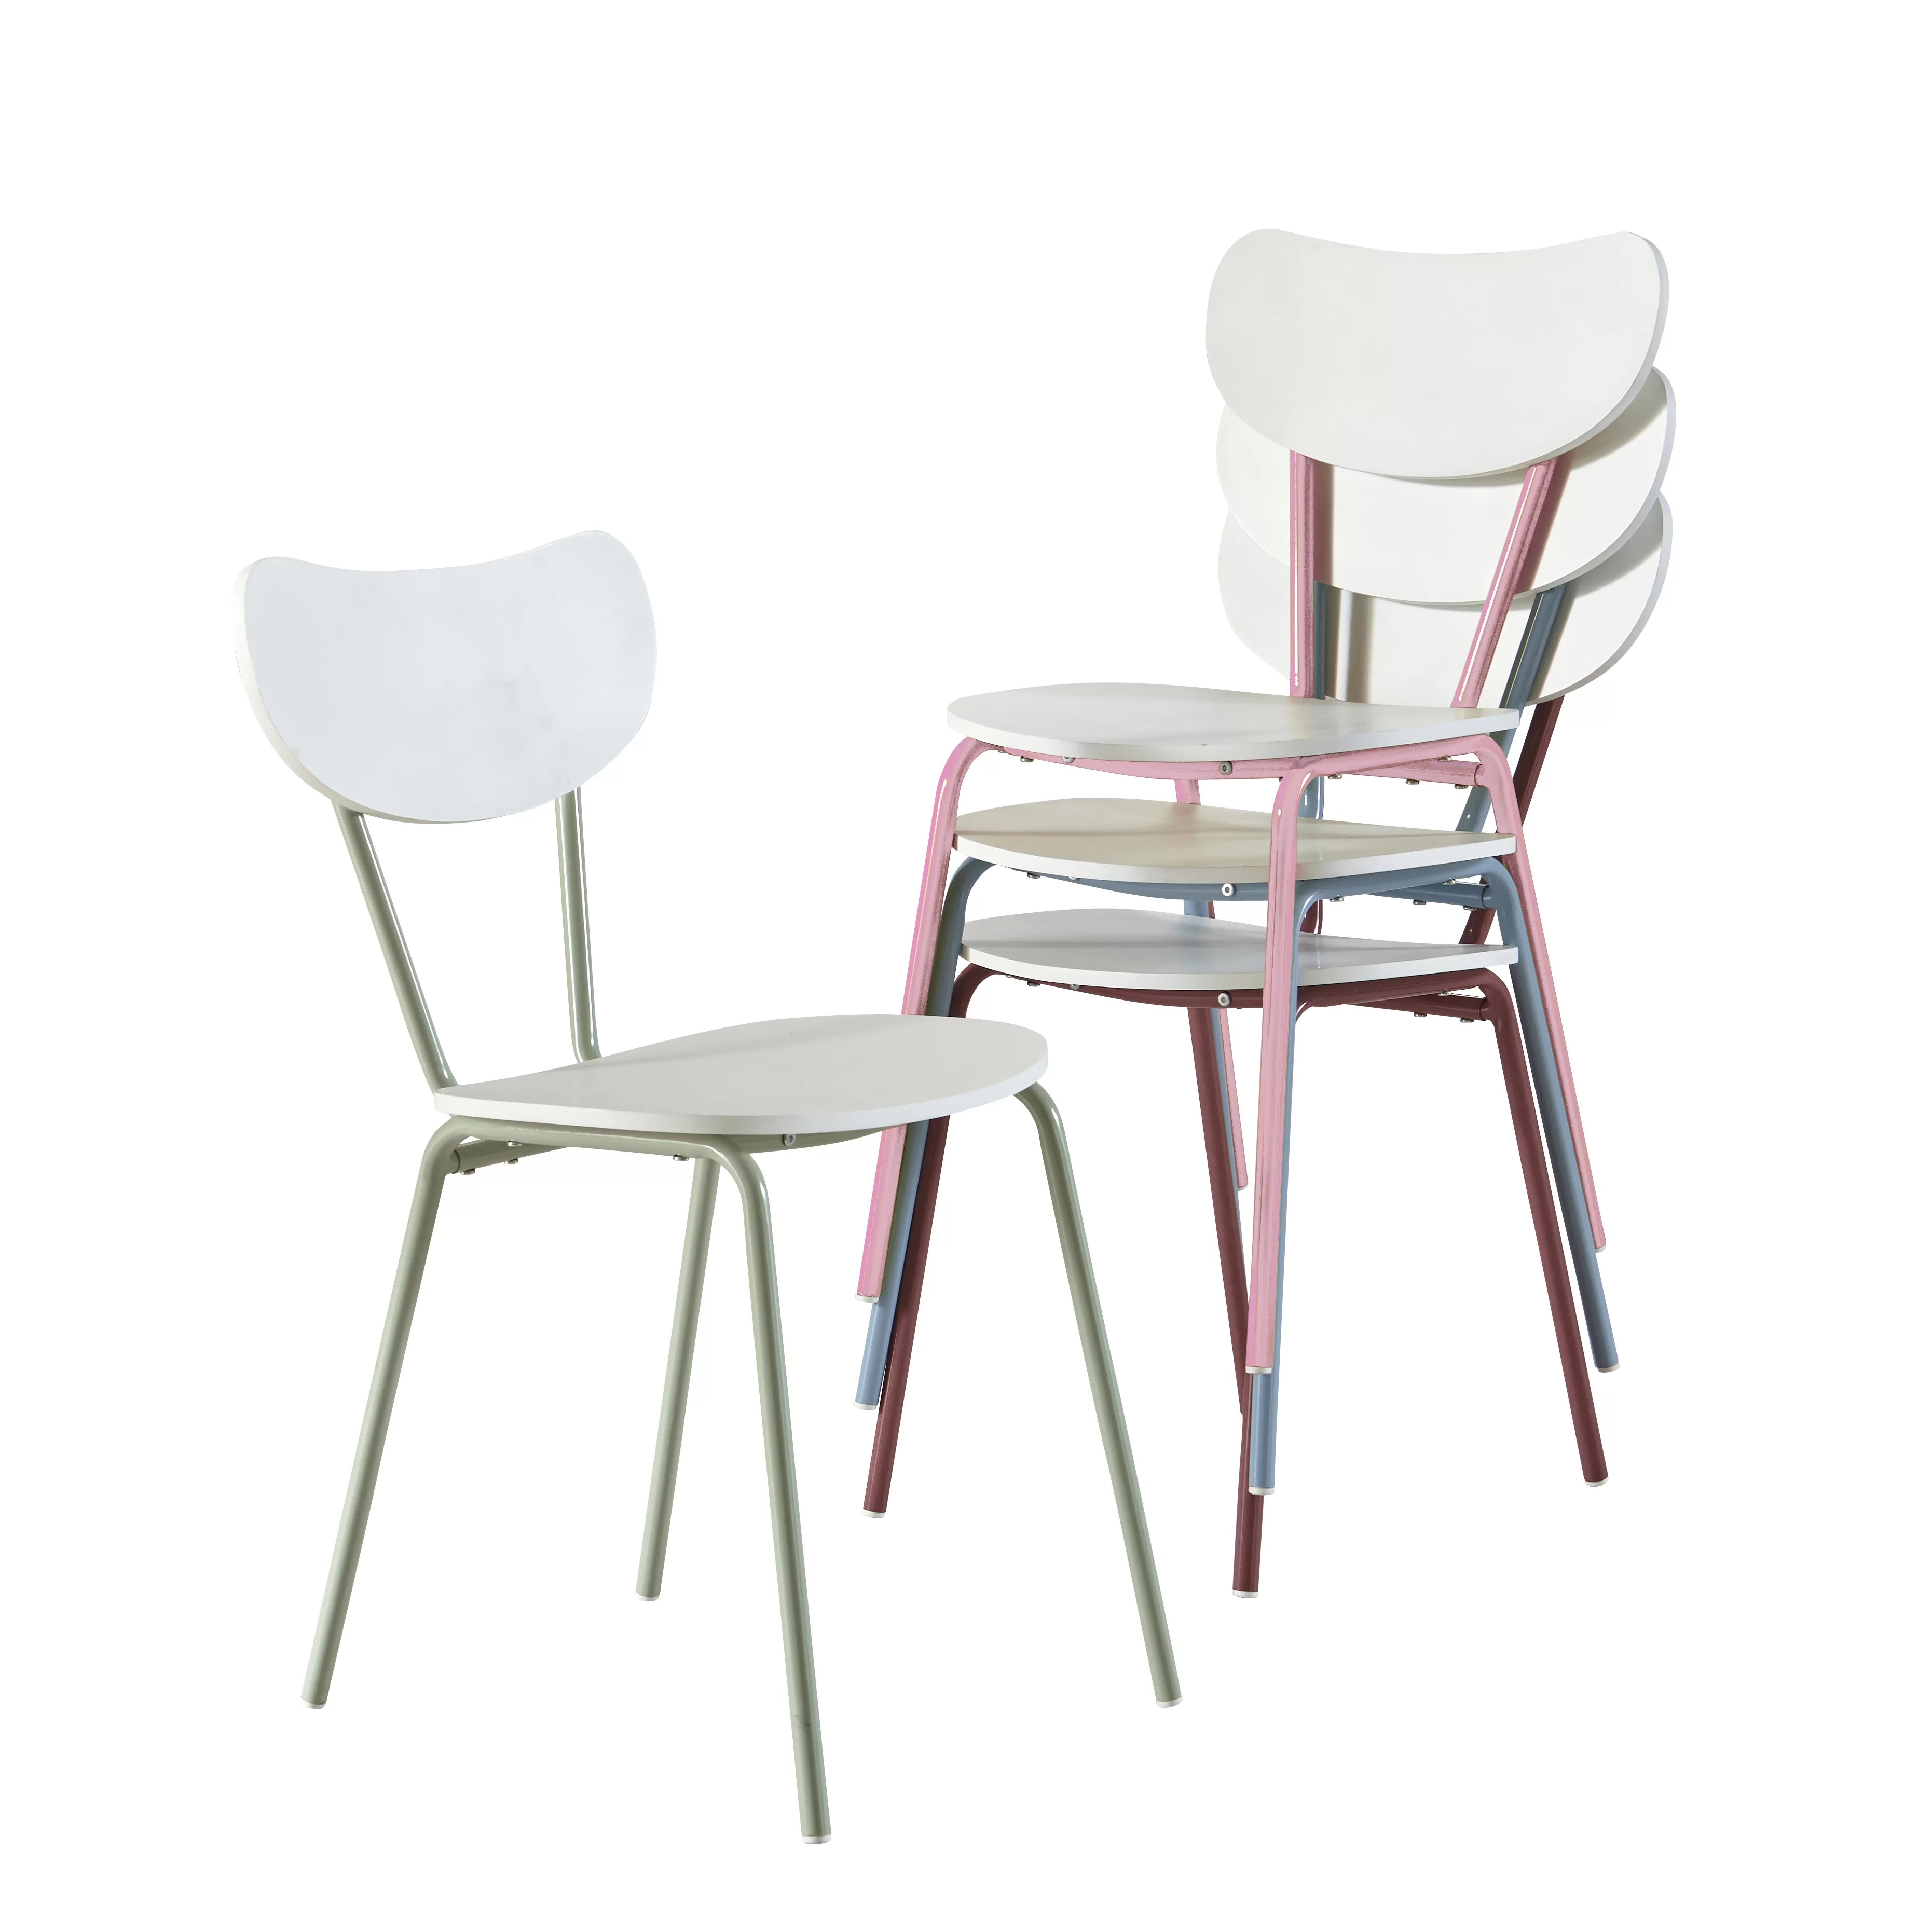 Wayfair Basics Dining chair  Reviews  Wayfair UK